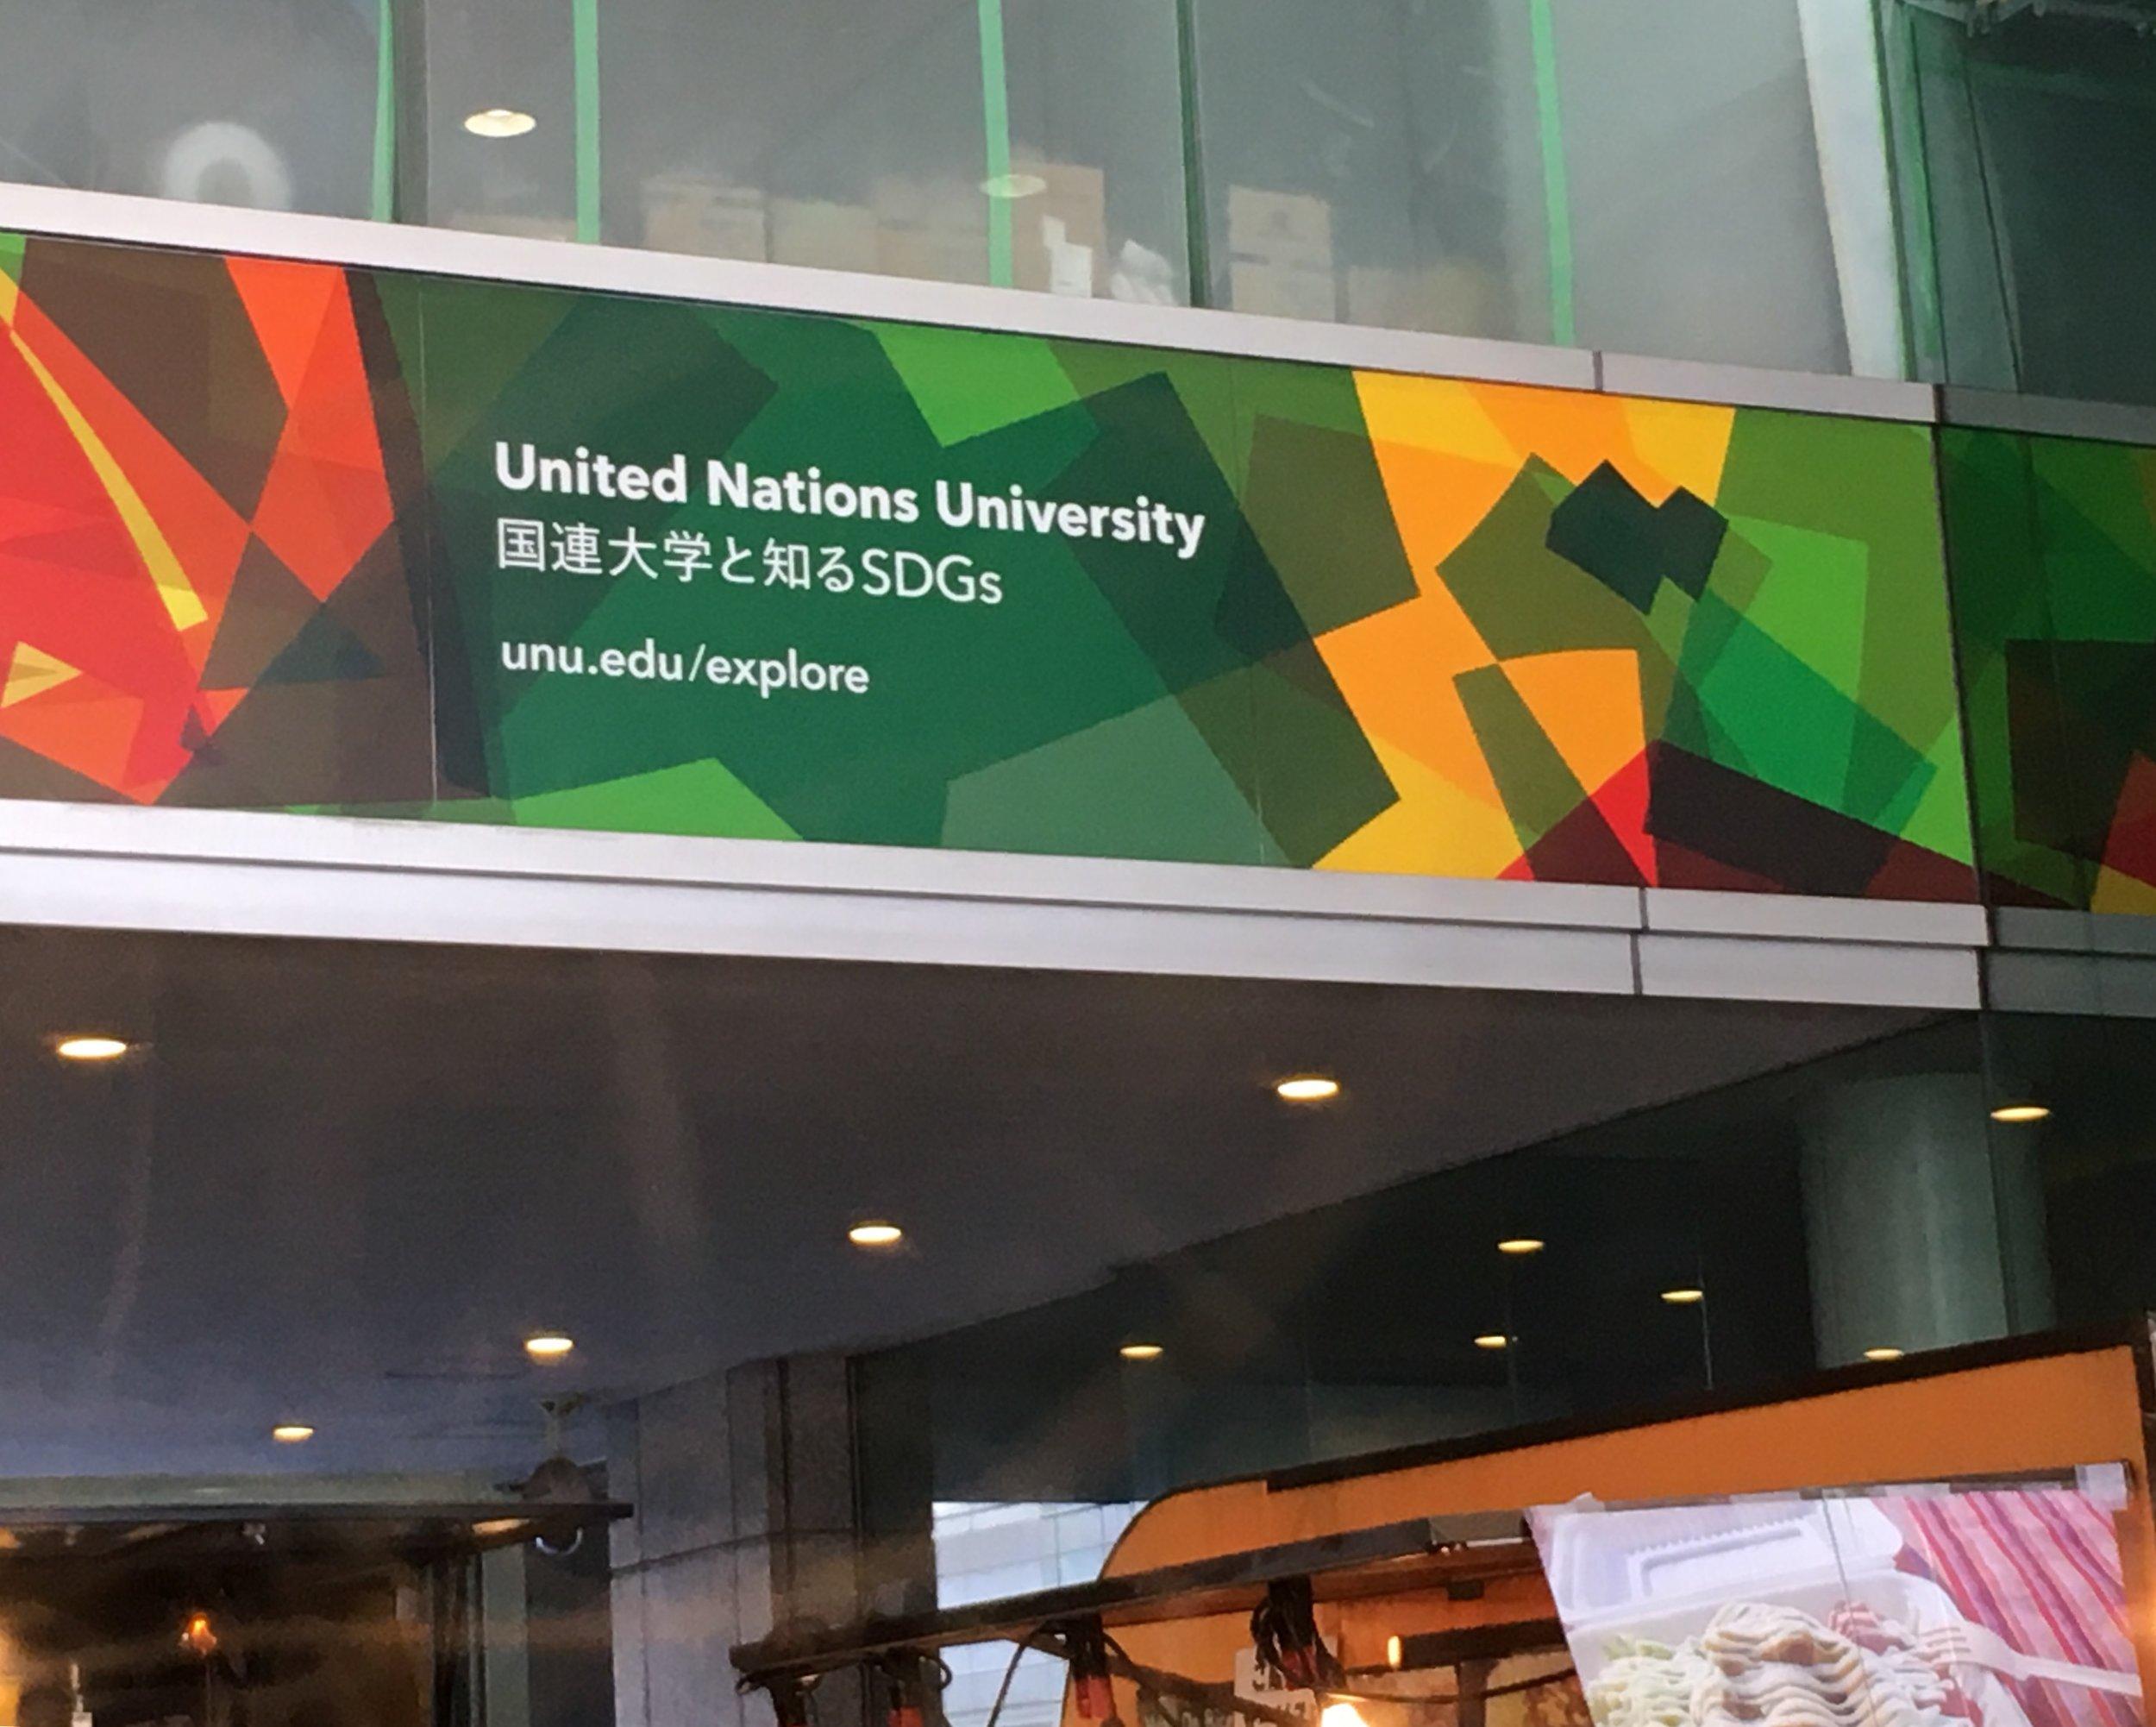 UN Uni SDGs.jpeg